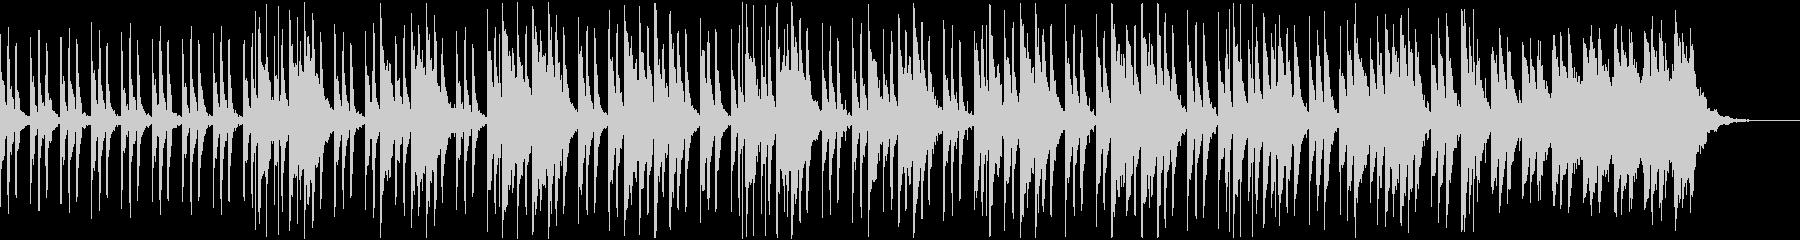 トイピアノとマリンバの奇妙なBGMの未再生の波形